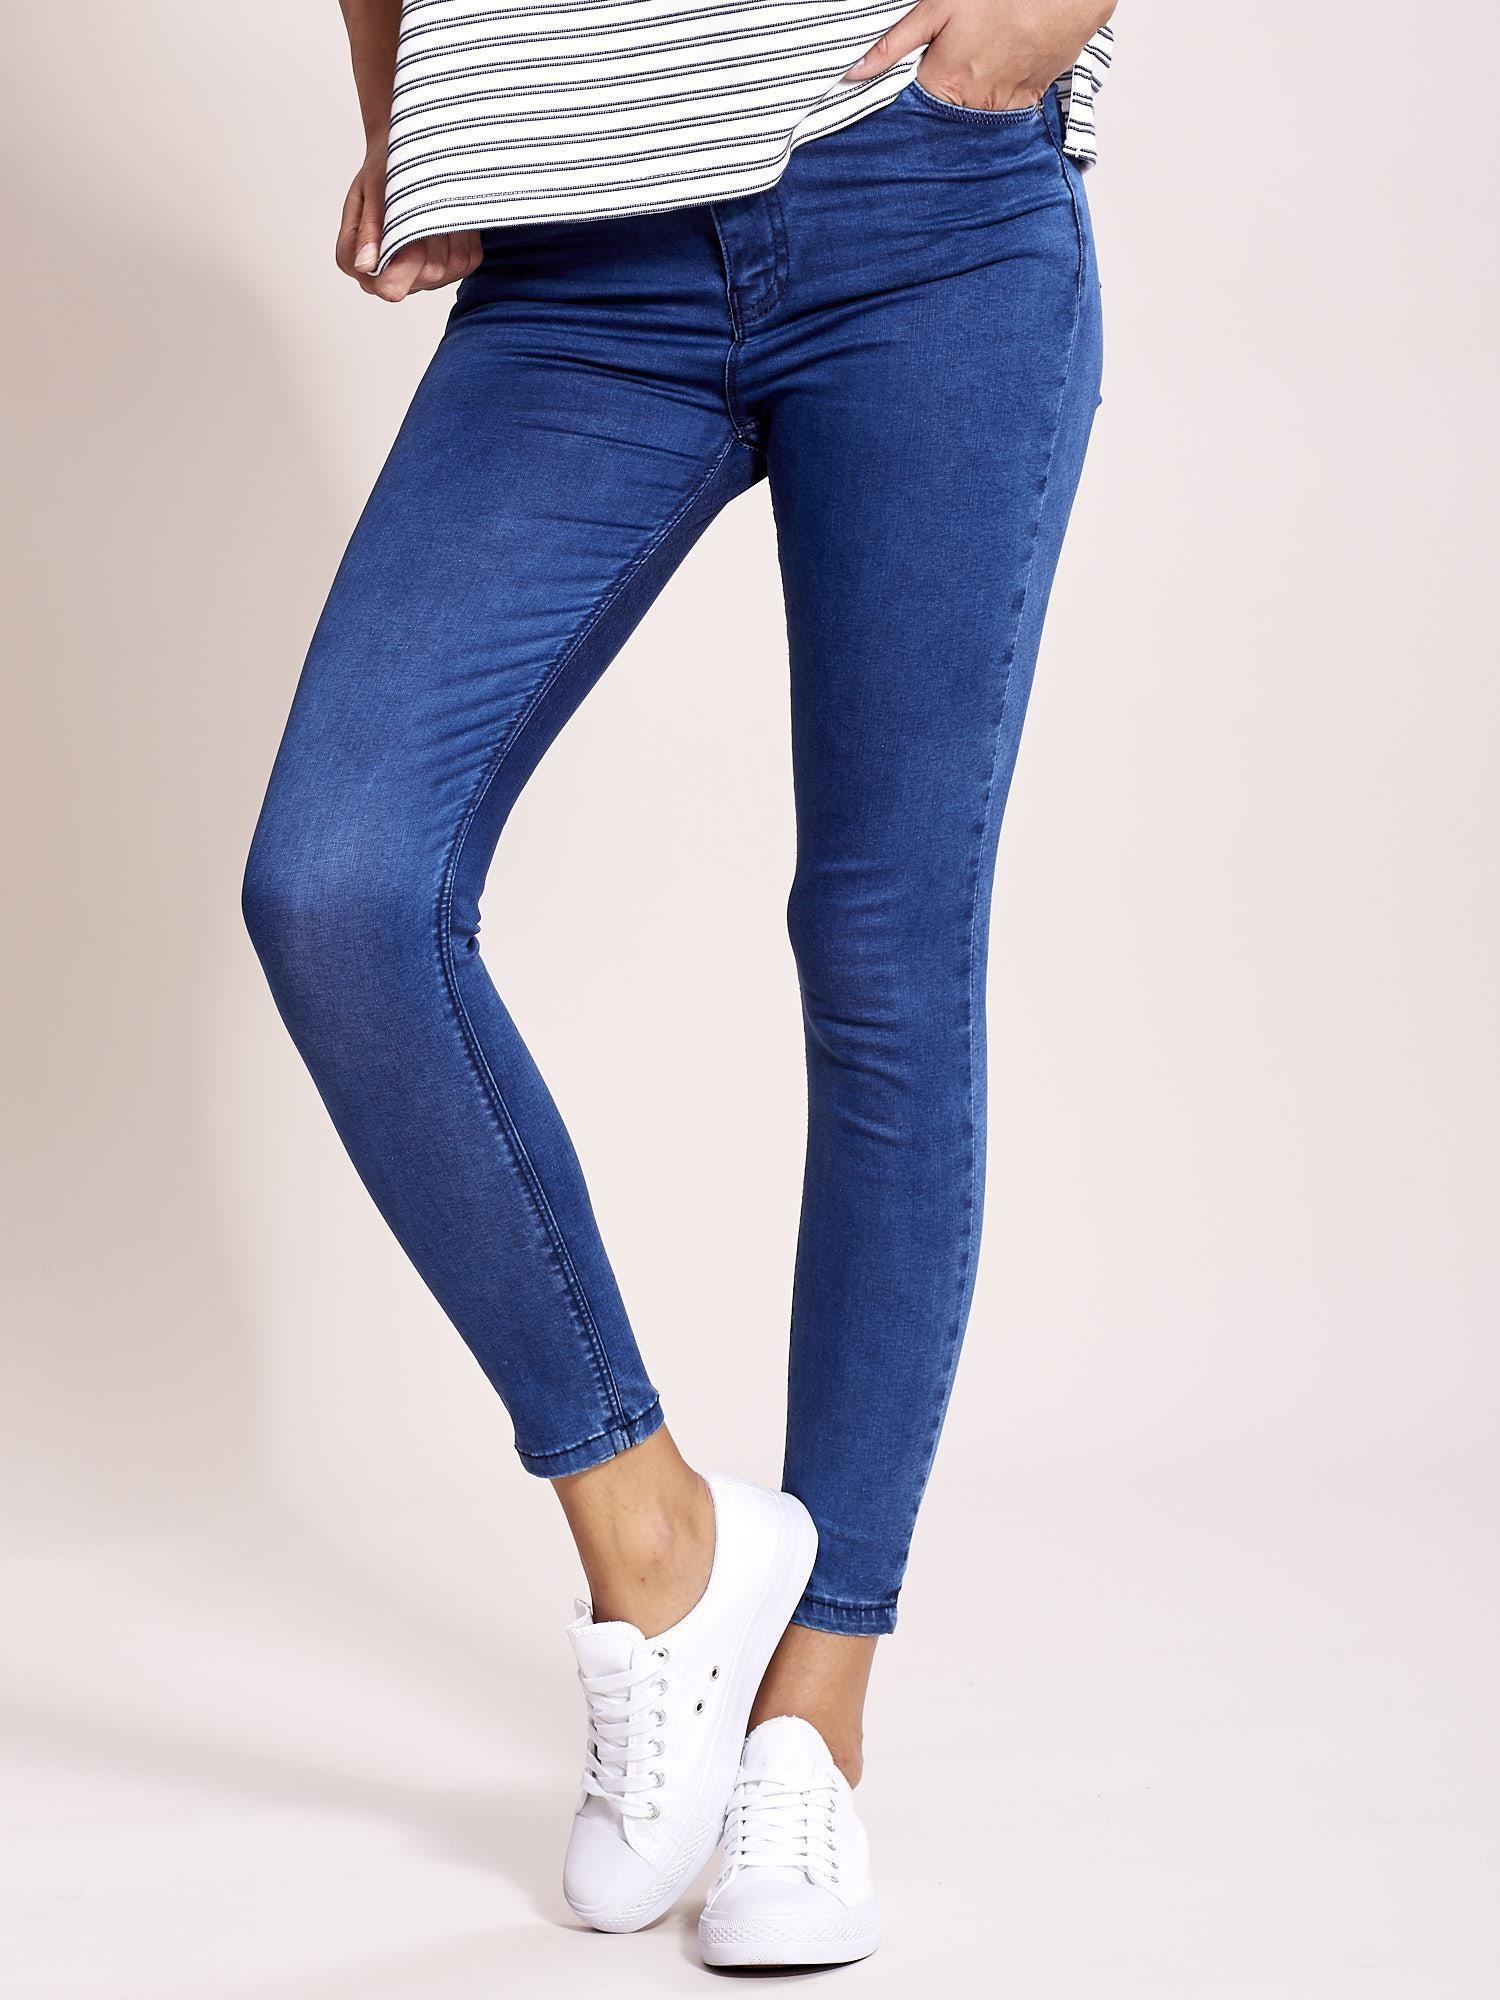 ed62d266a9186c Niebieskie jeansy slim fit z wysokim stanem - Spodnie jeansowe ...